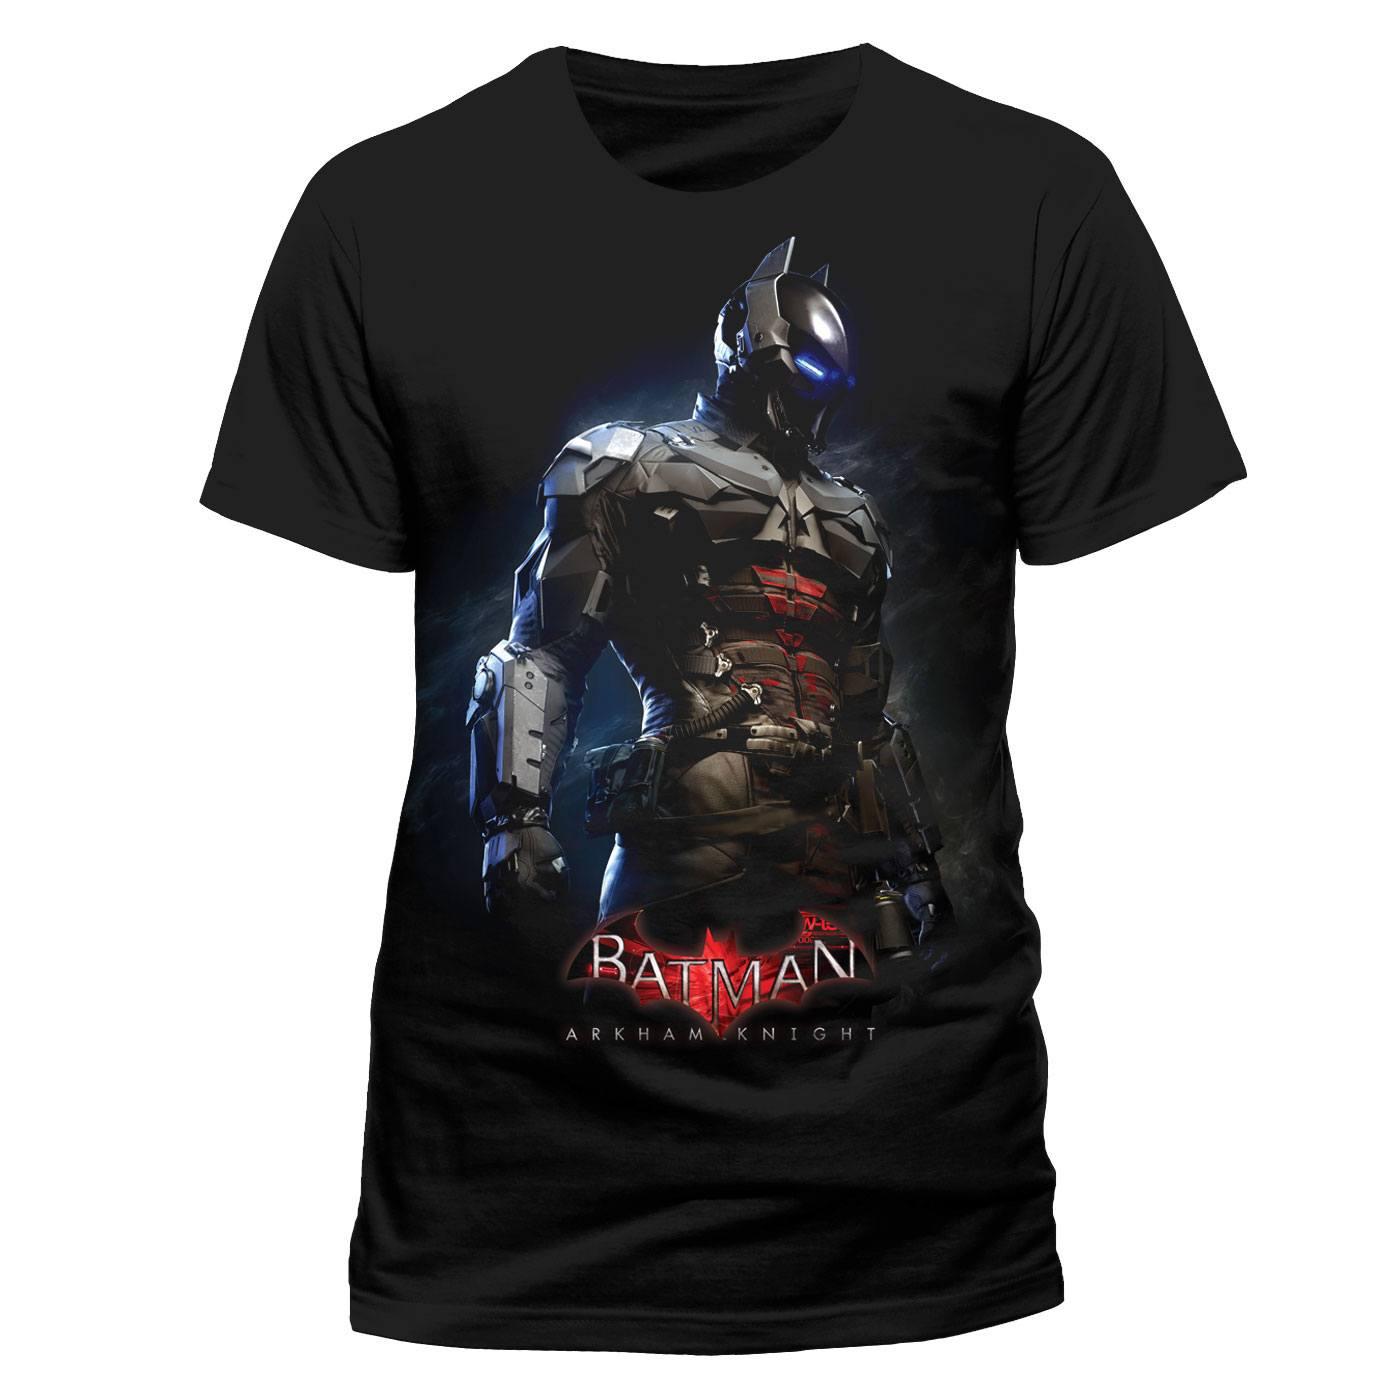 Batman Arkham Knight T-Shirt Combat Suit Size XXL